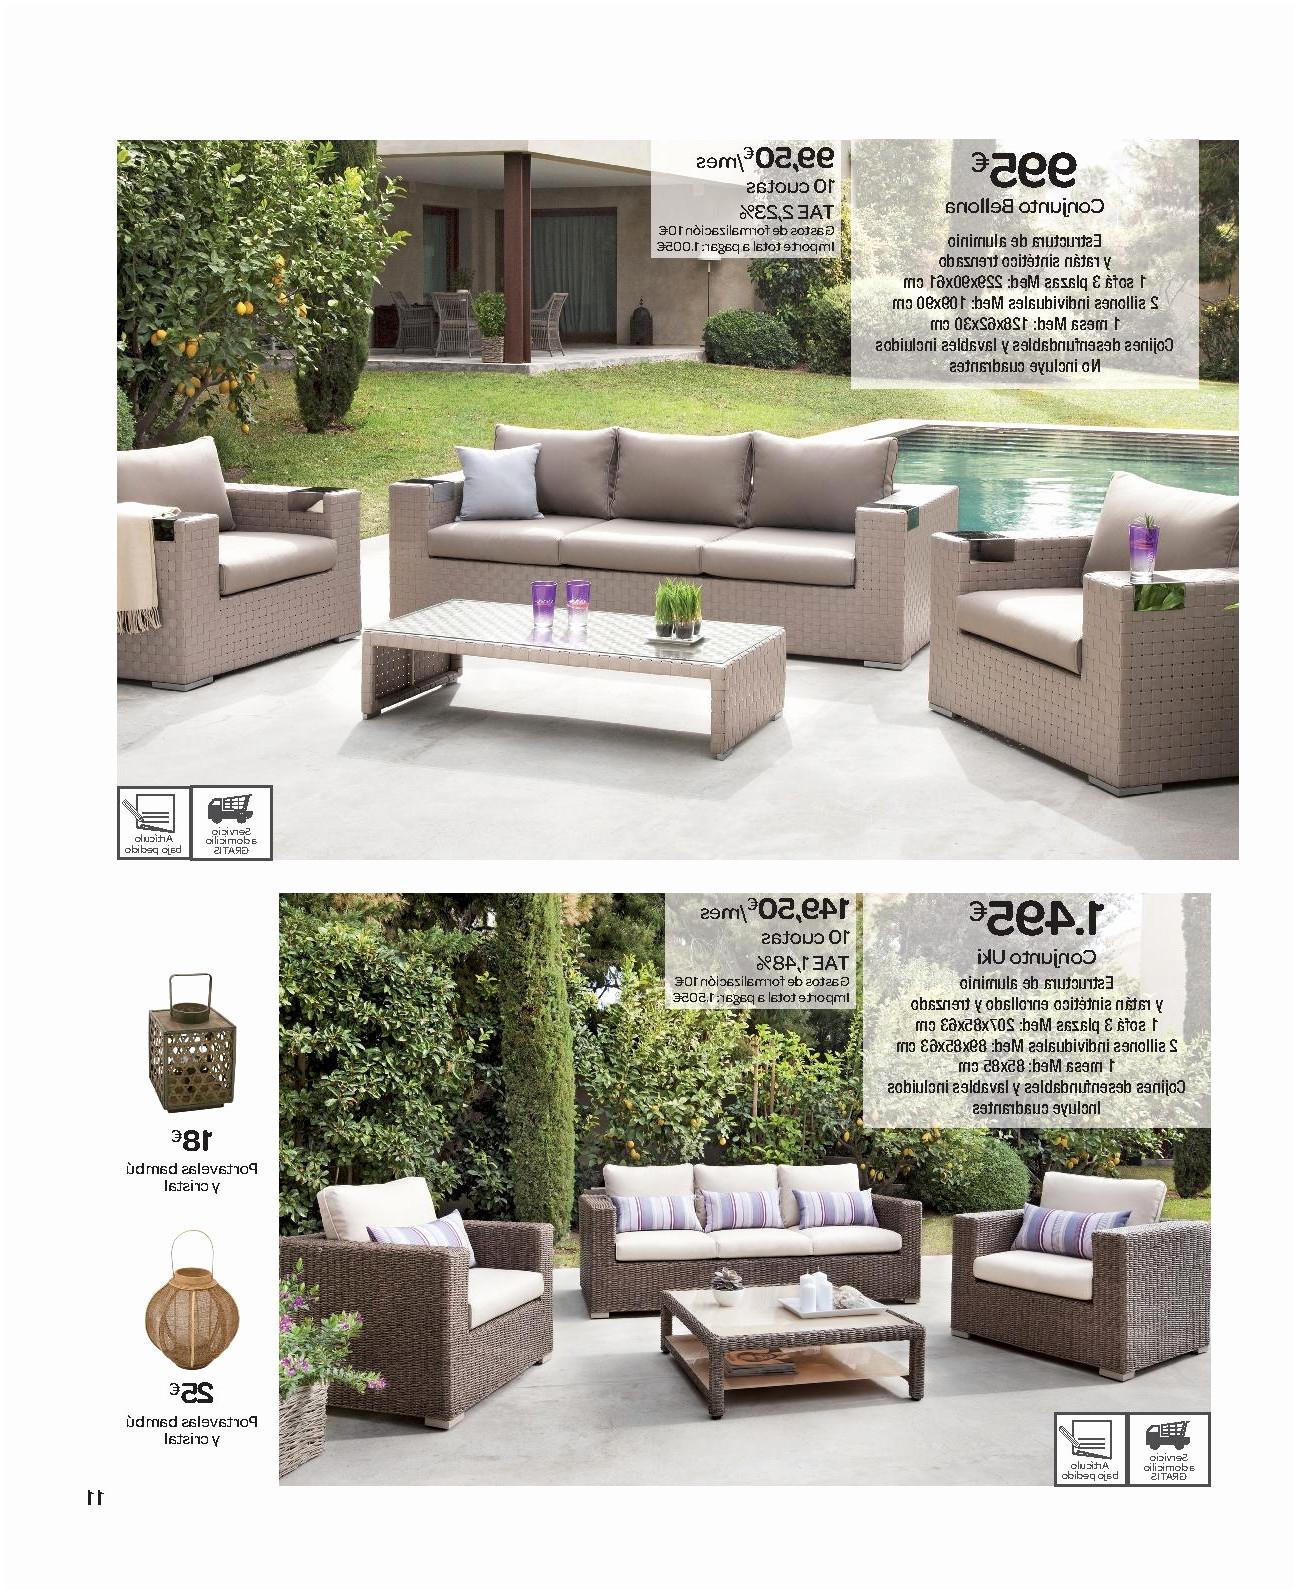 Carrefour Chaises De Jardin Frais Images 18 Fresco Carrefour Muebles De Jardin Ideas Para Decorar Tu Casa